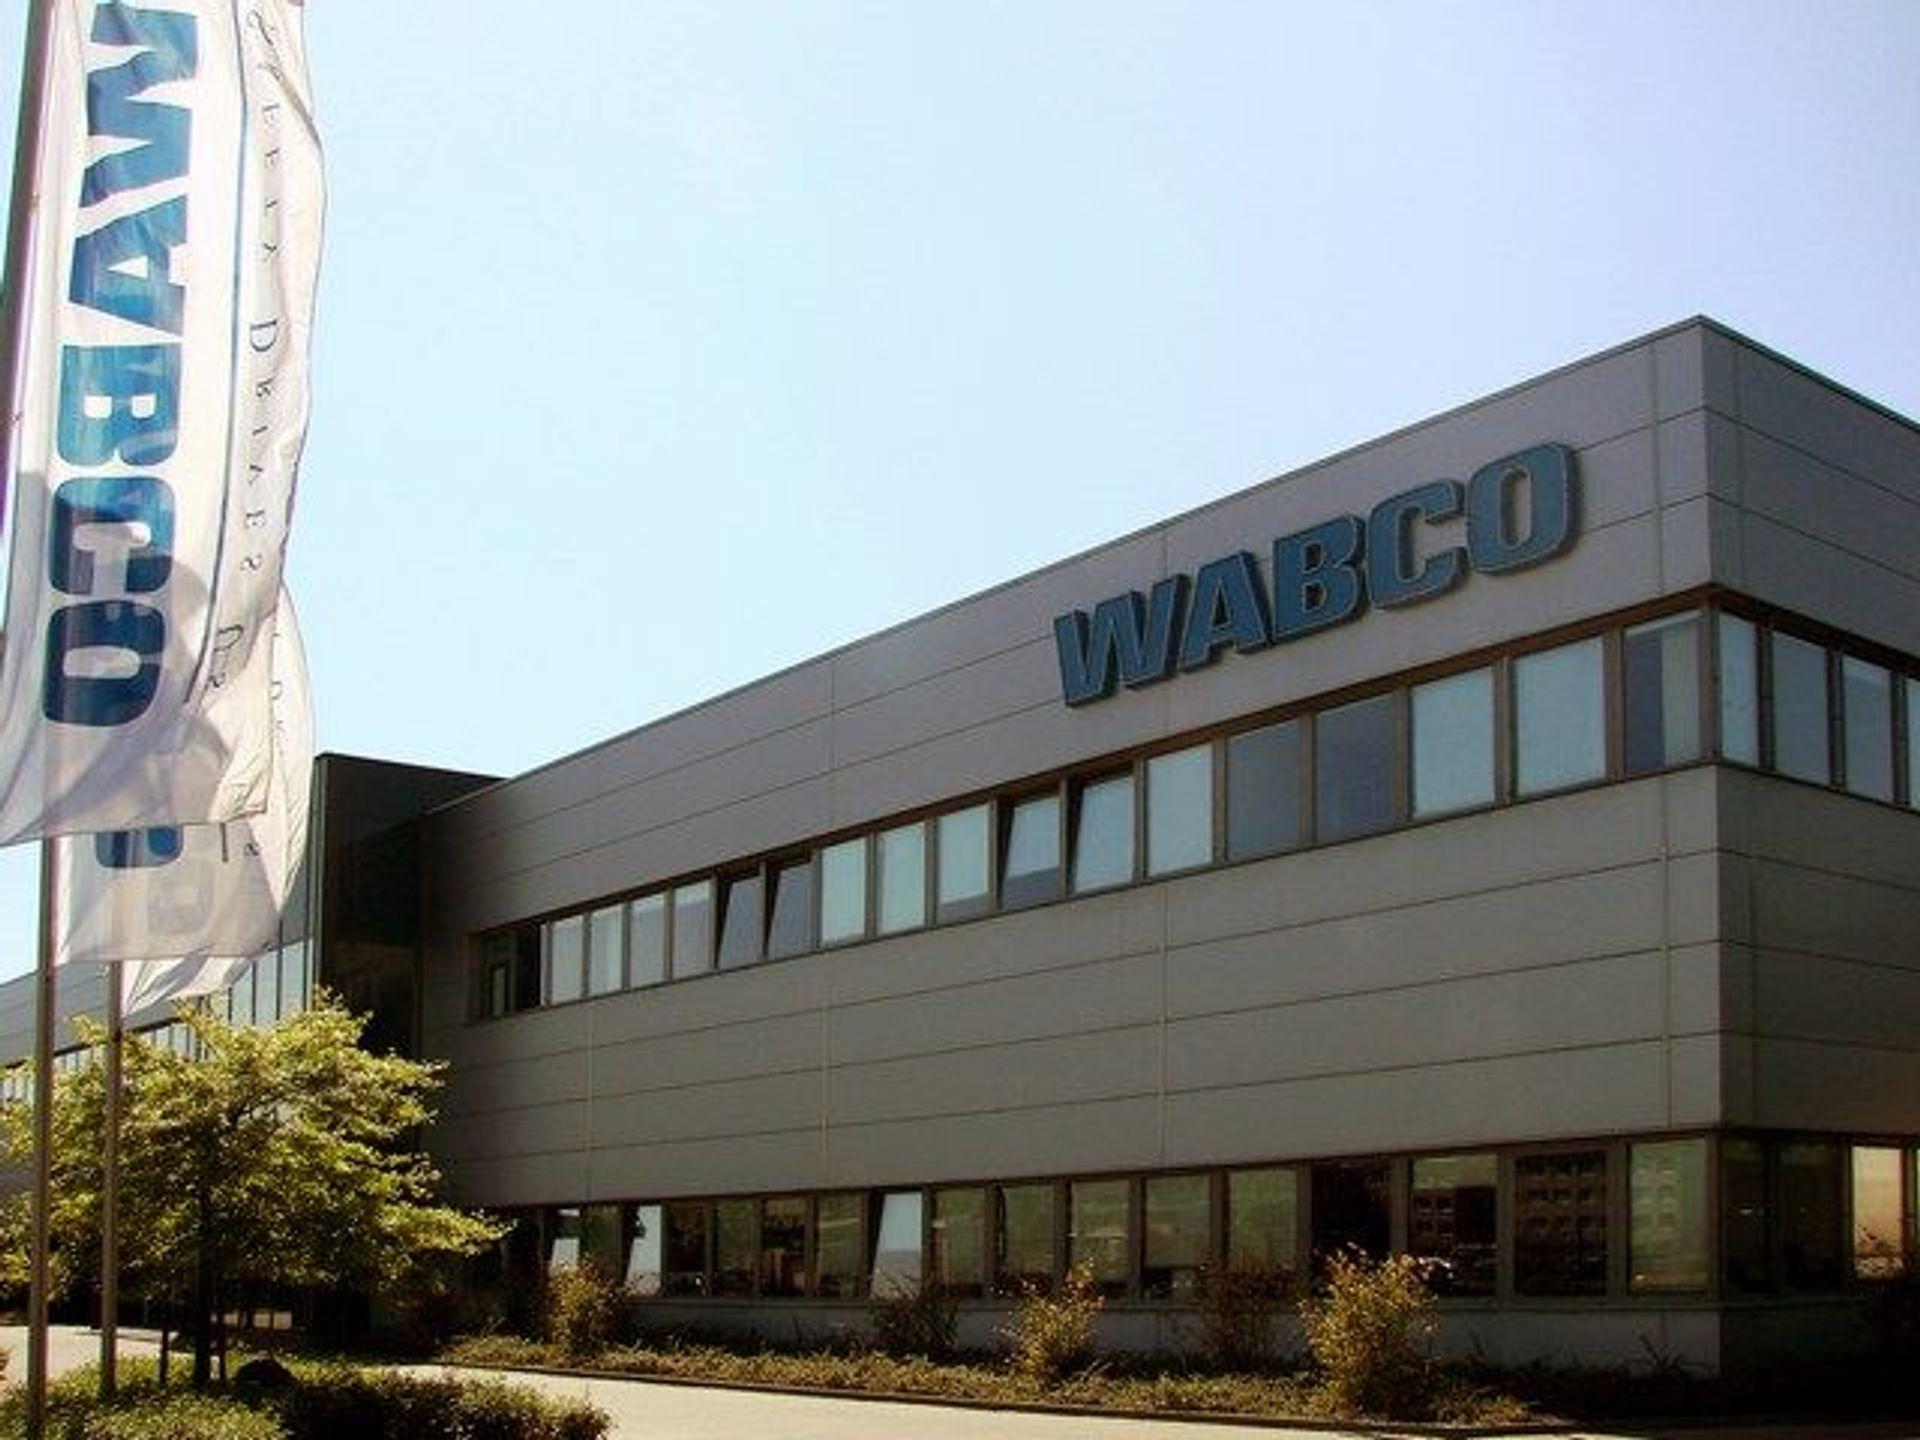 [Wrocław] Wabco zainwestuje 15 mln zł w badania i rozwój we Wrocławiu